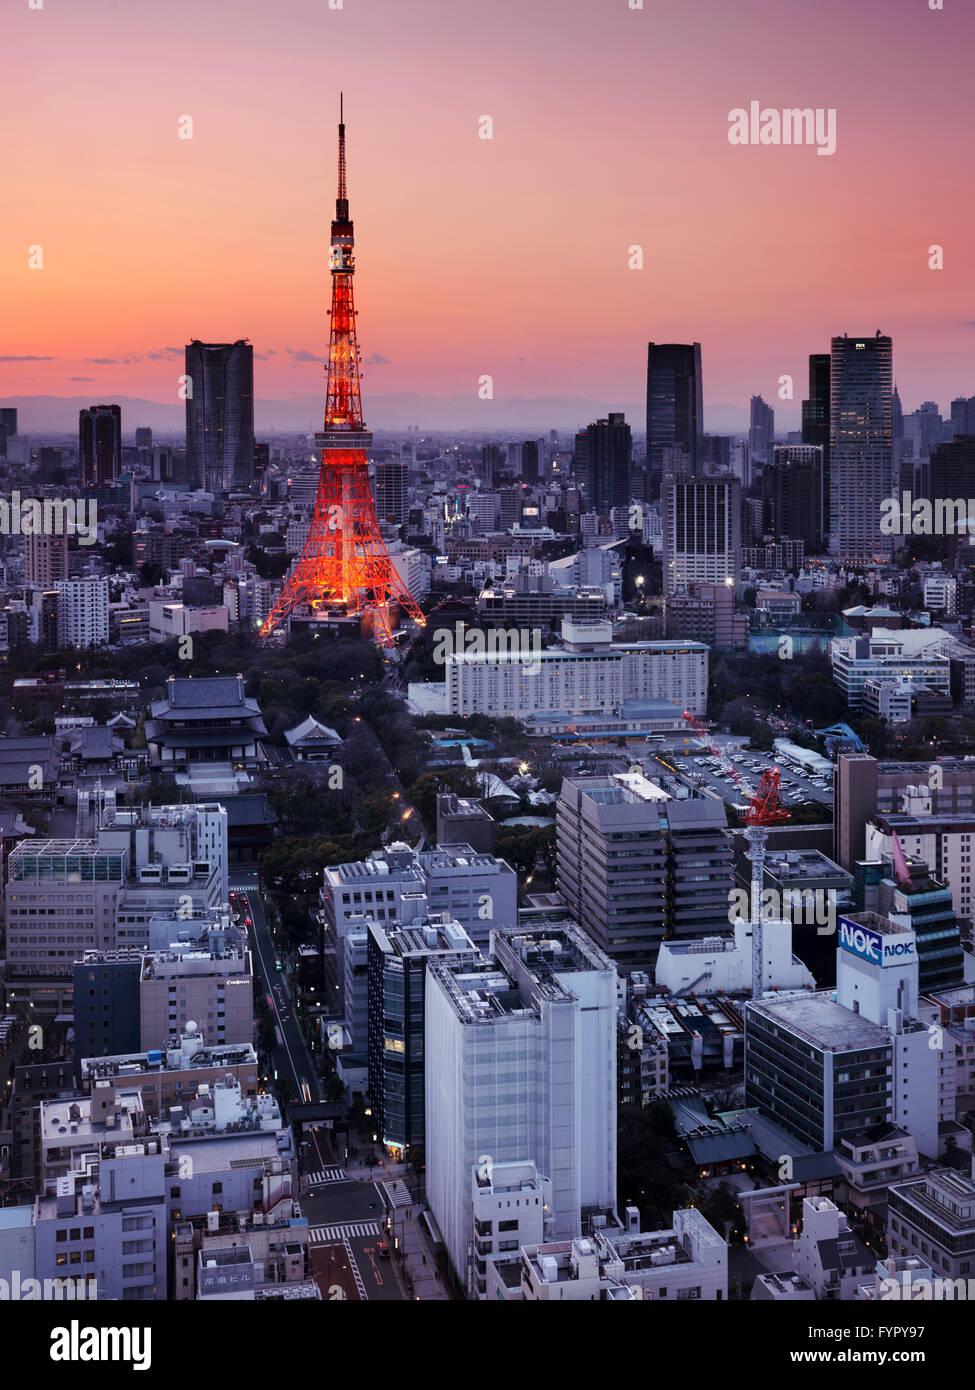 La Tour de Tokyo illuminée pendant le coucher du soleil, Minato, Tokyo, Japon Photo Stock